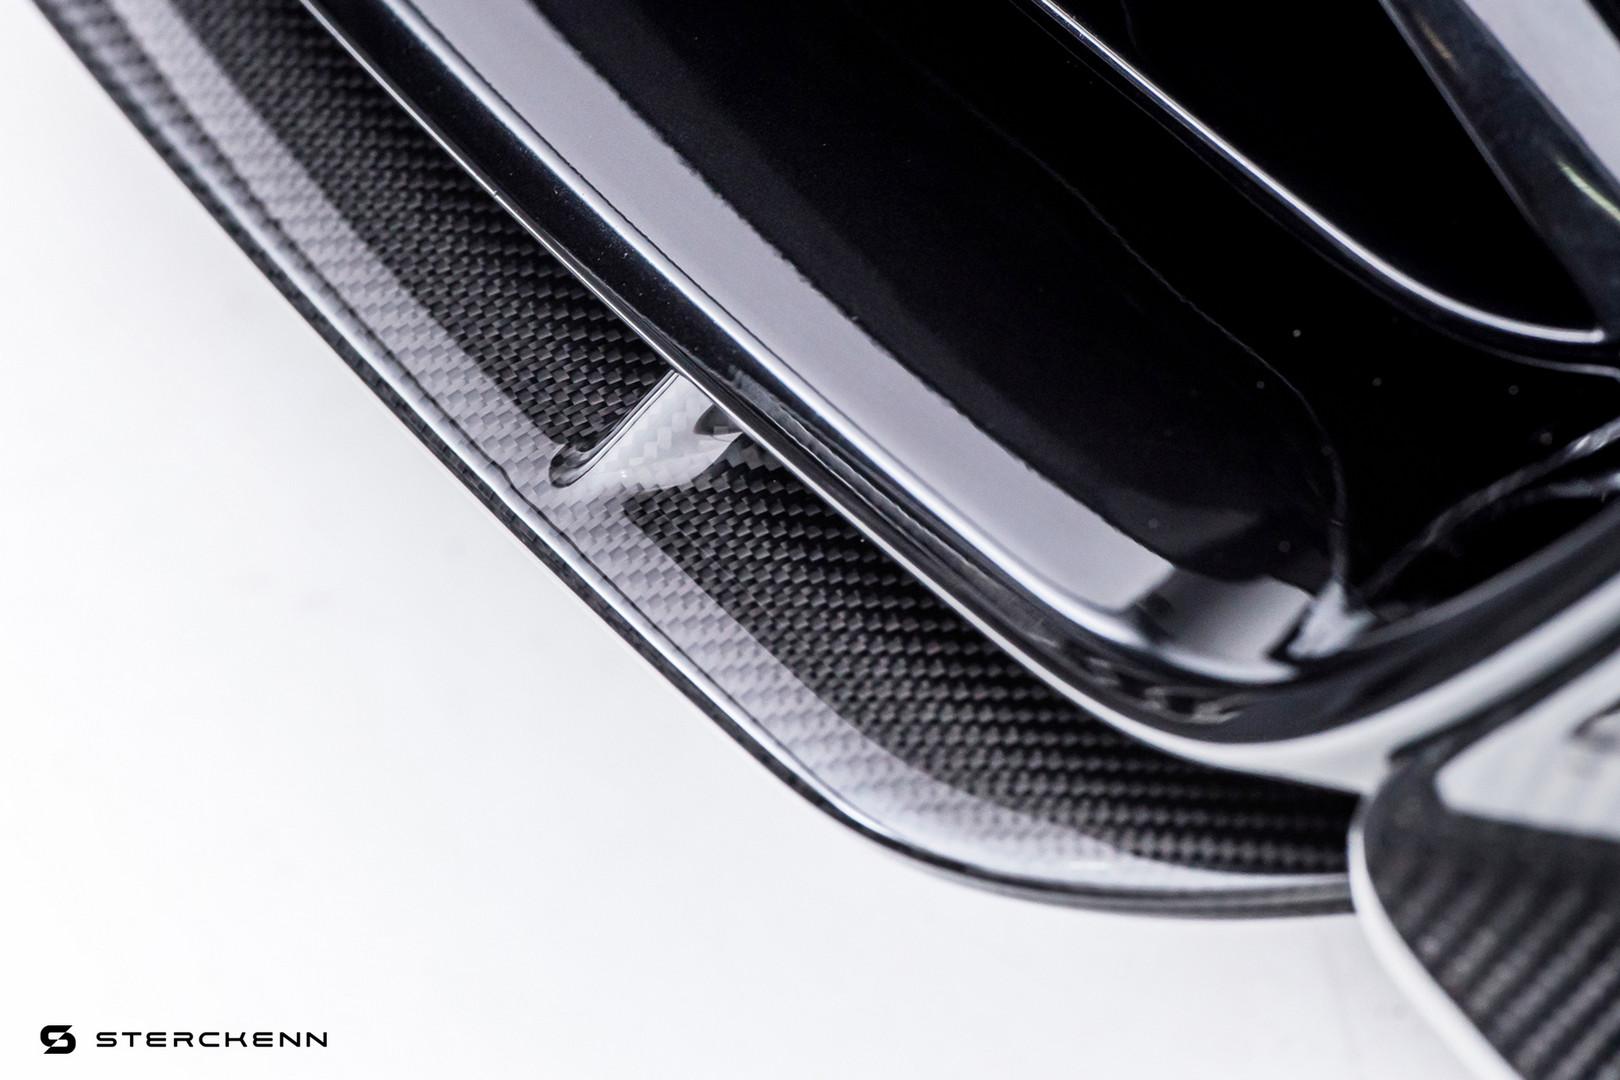 Для BMW M5 Streckenn добавил новый передний сплиттер и набор вставок для диффузора сзади.